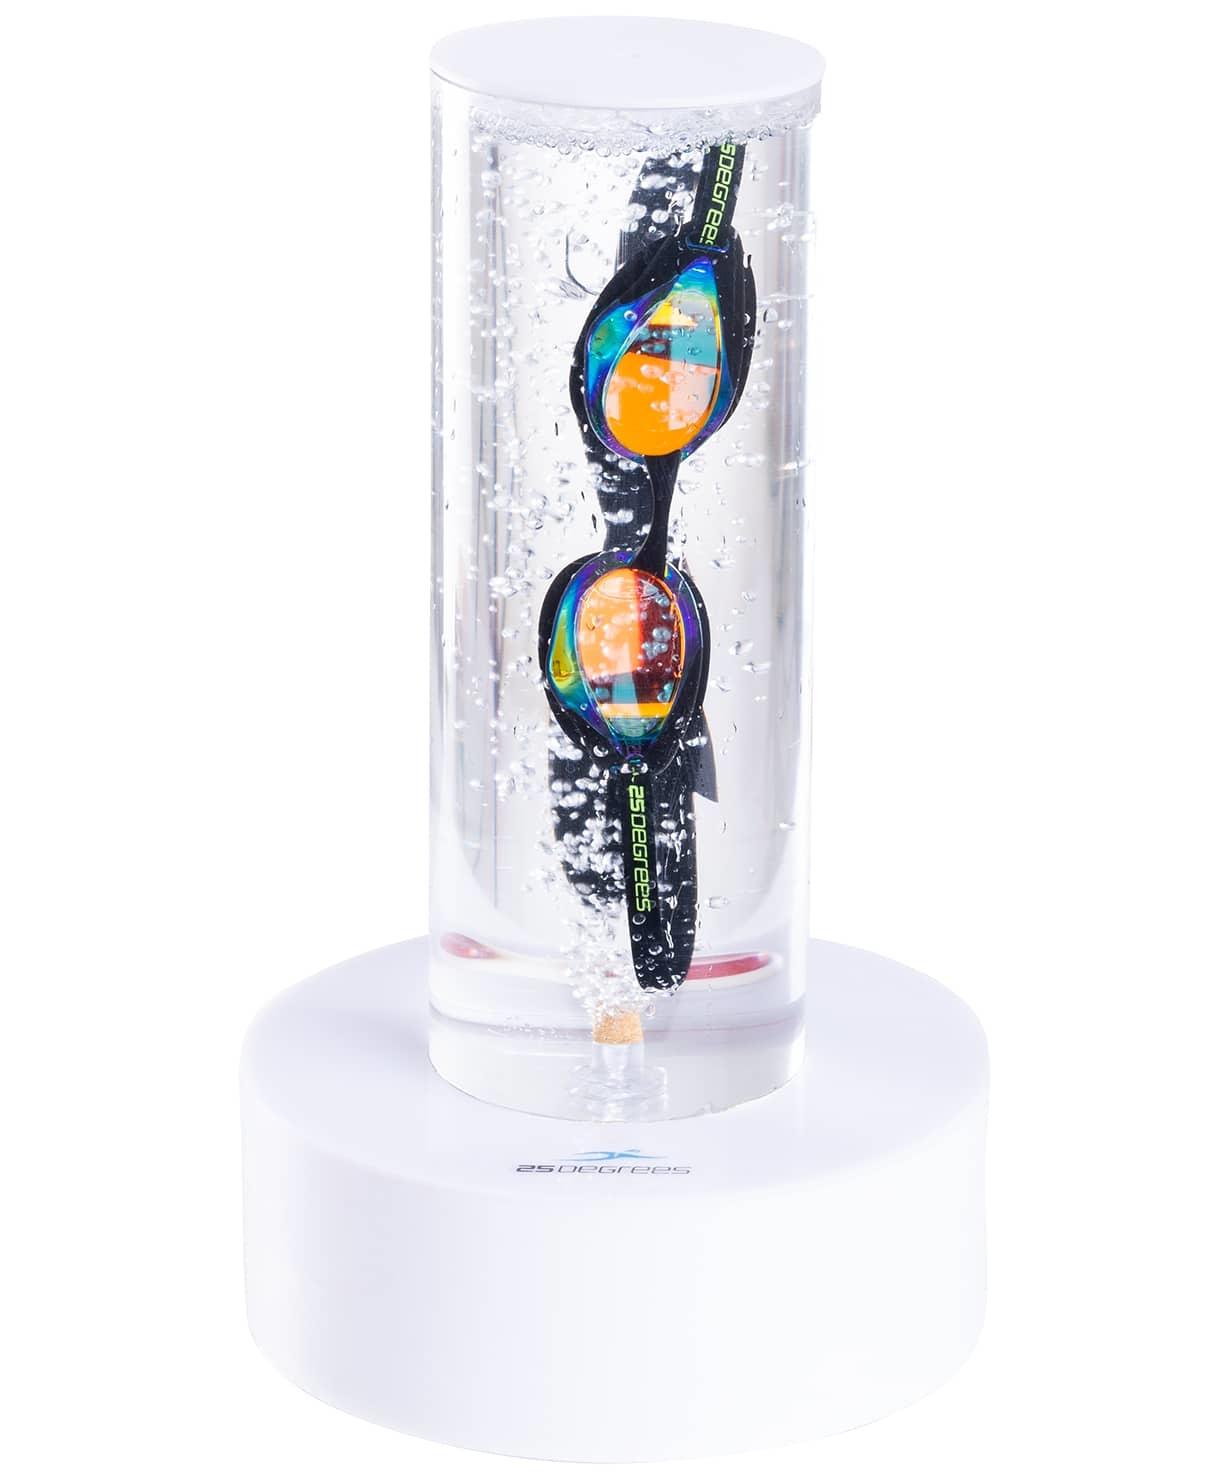 Выставочный стенд для очков Acrylic Transparent